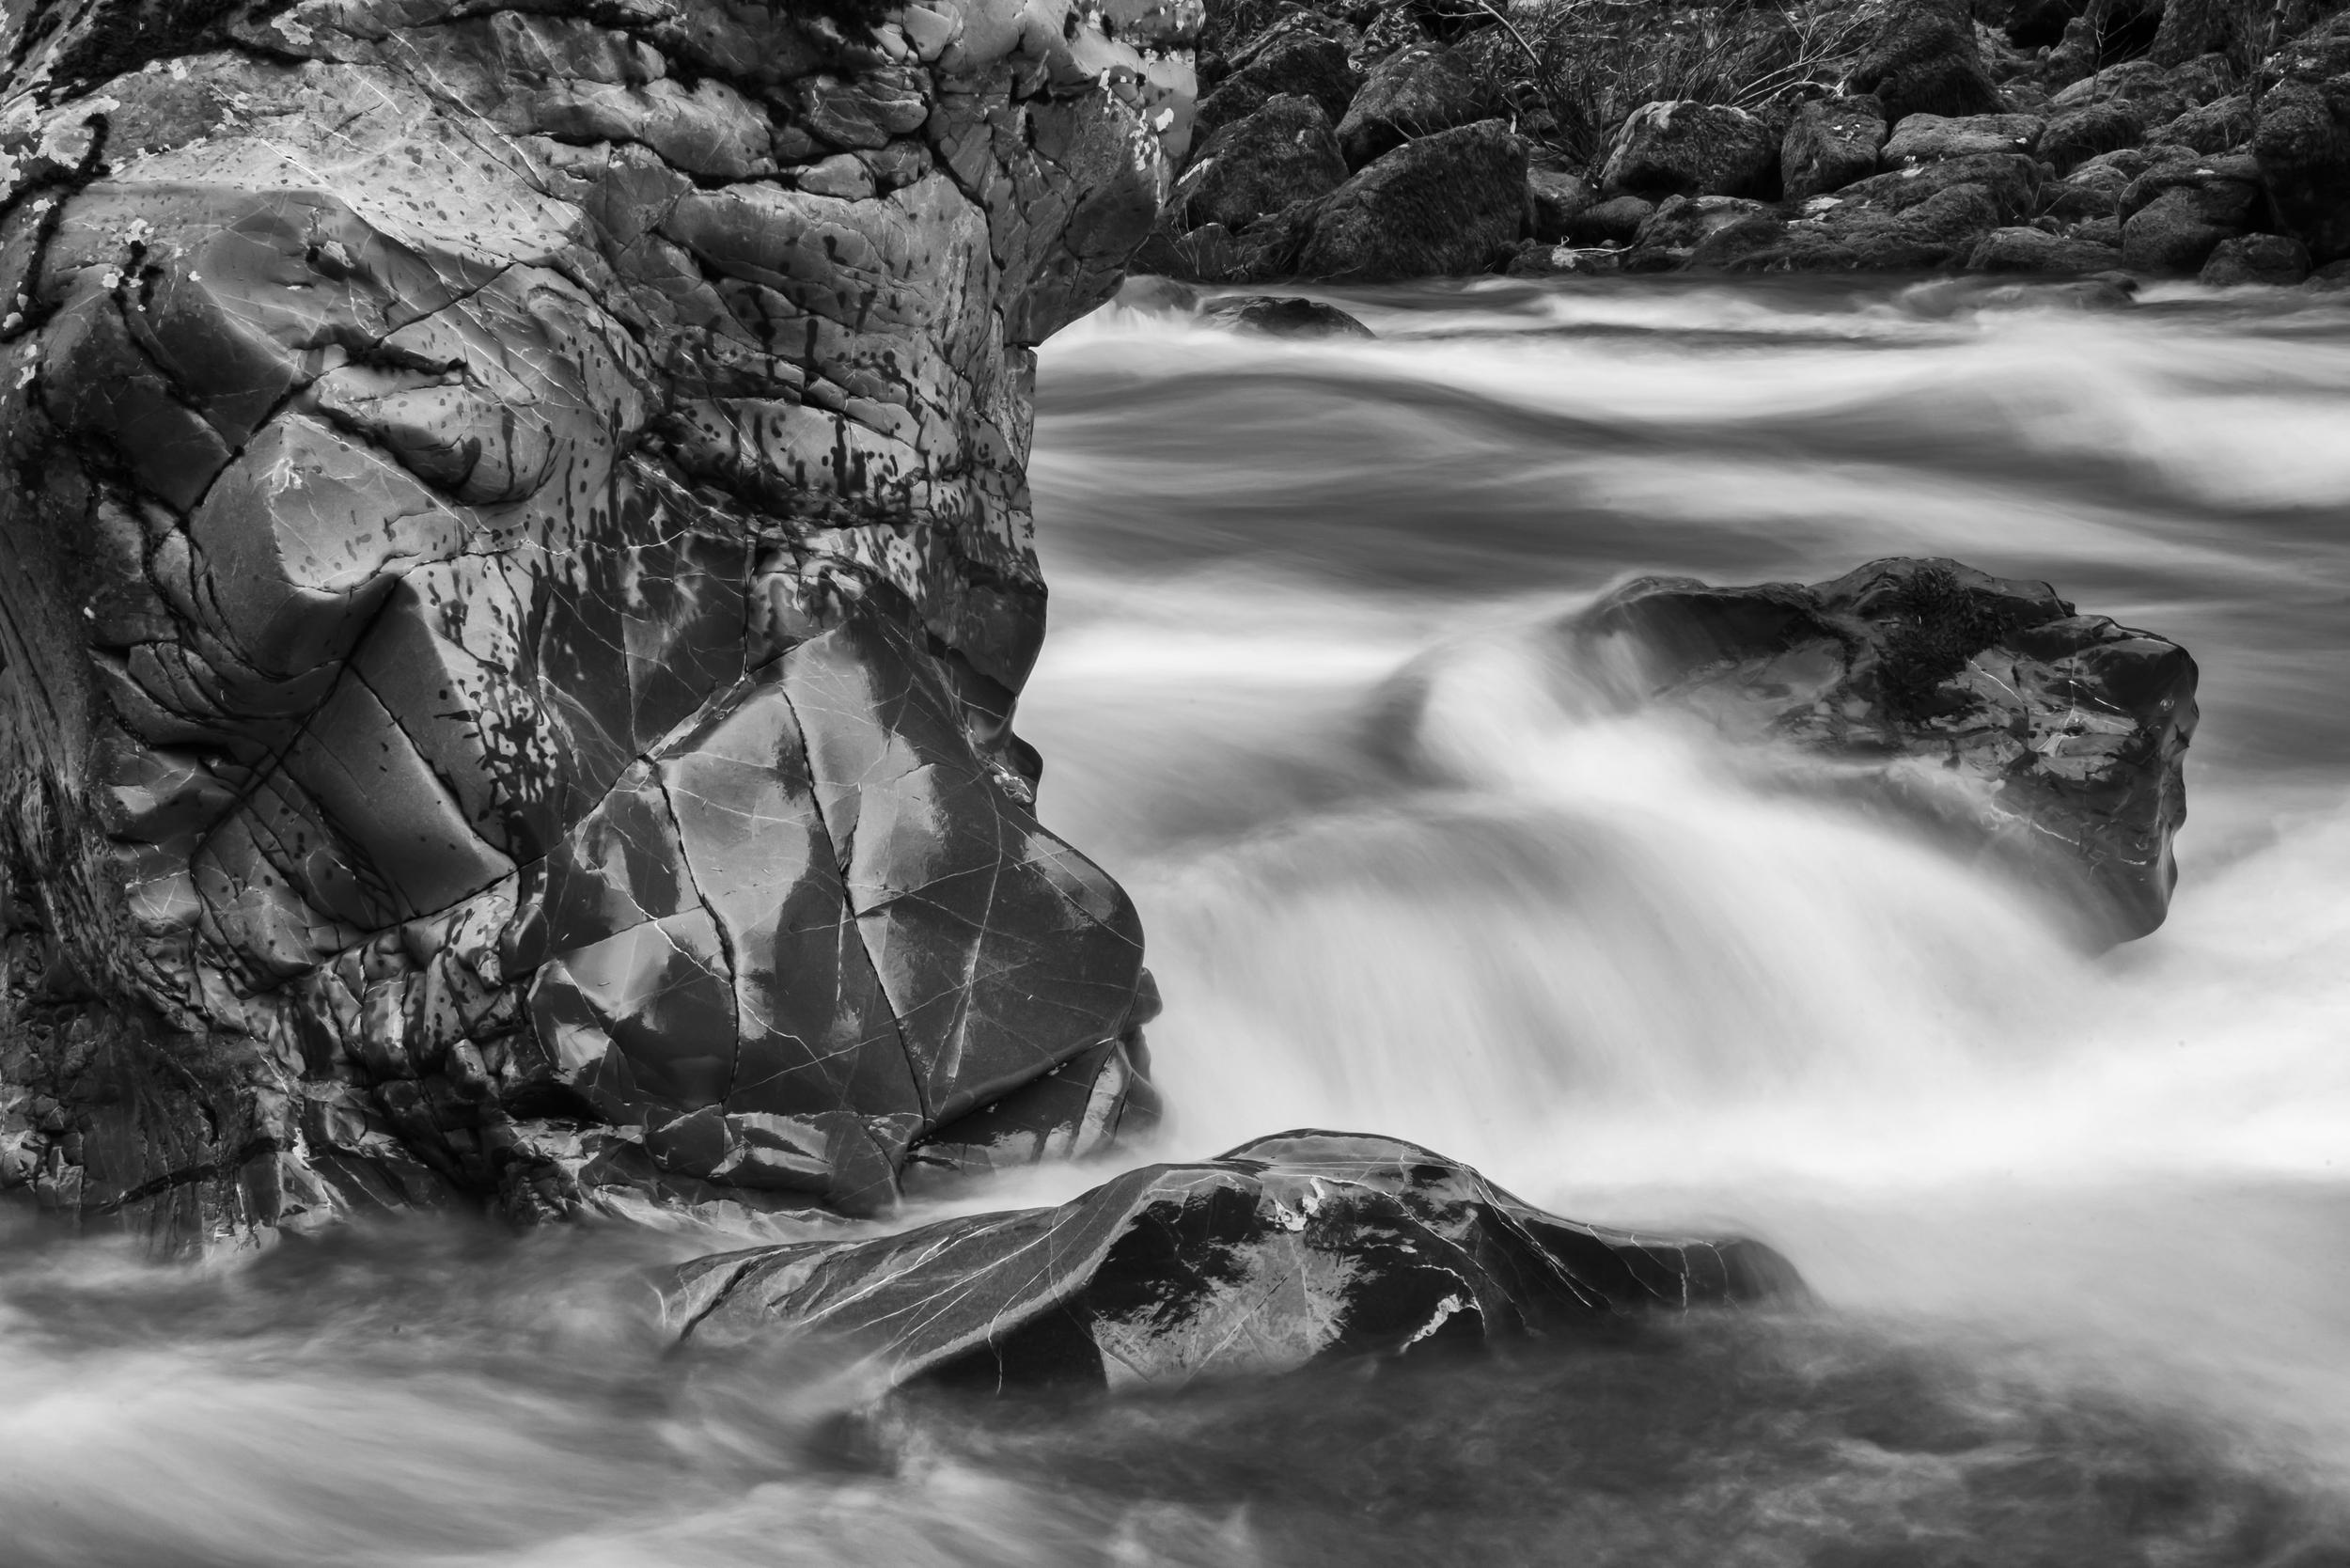 rockwater-1-2.jpg